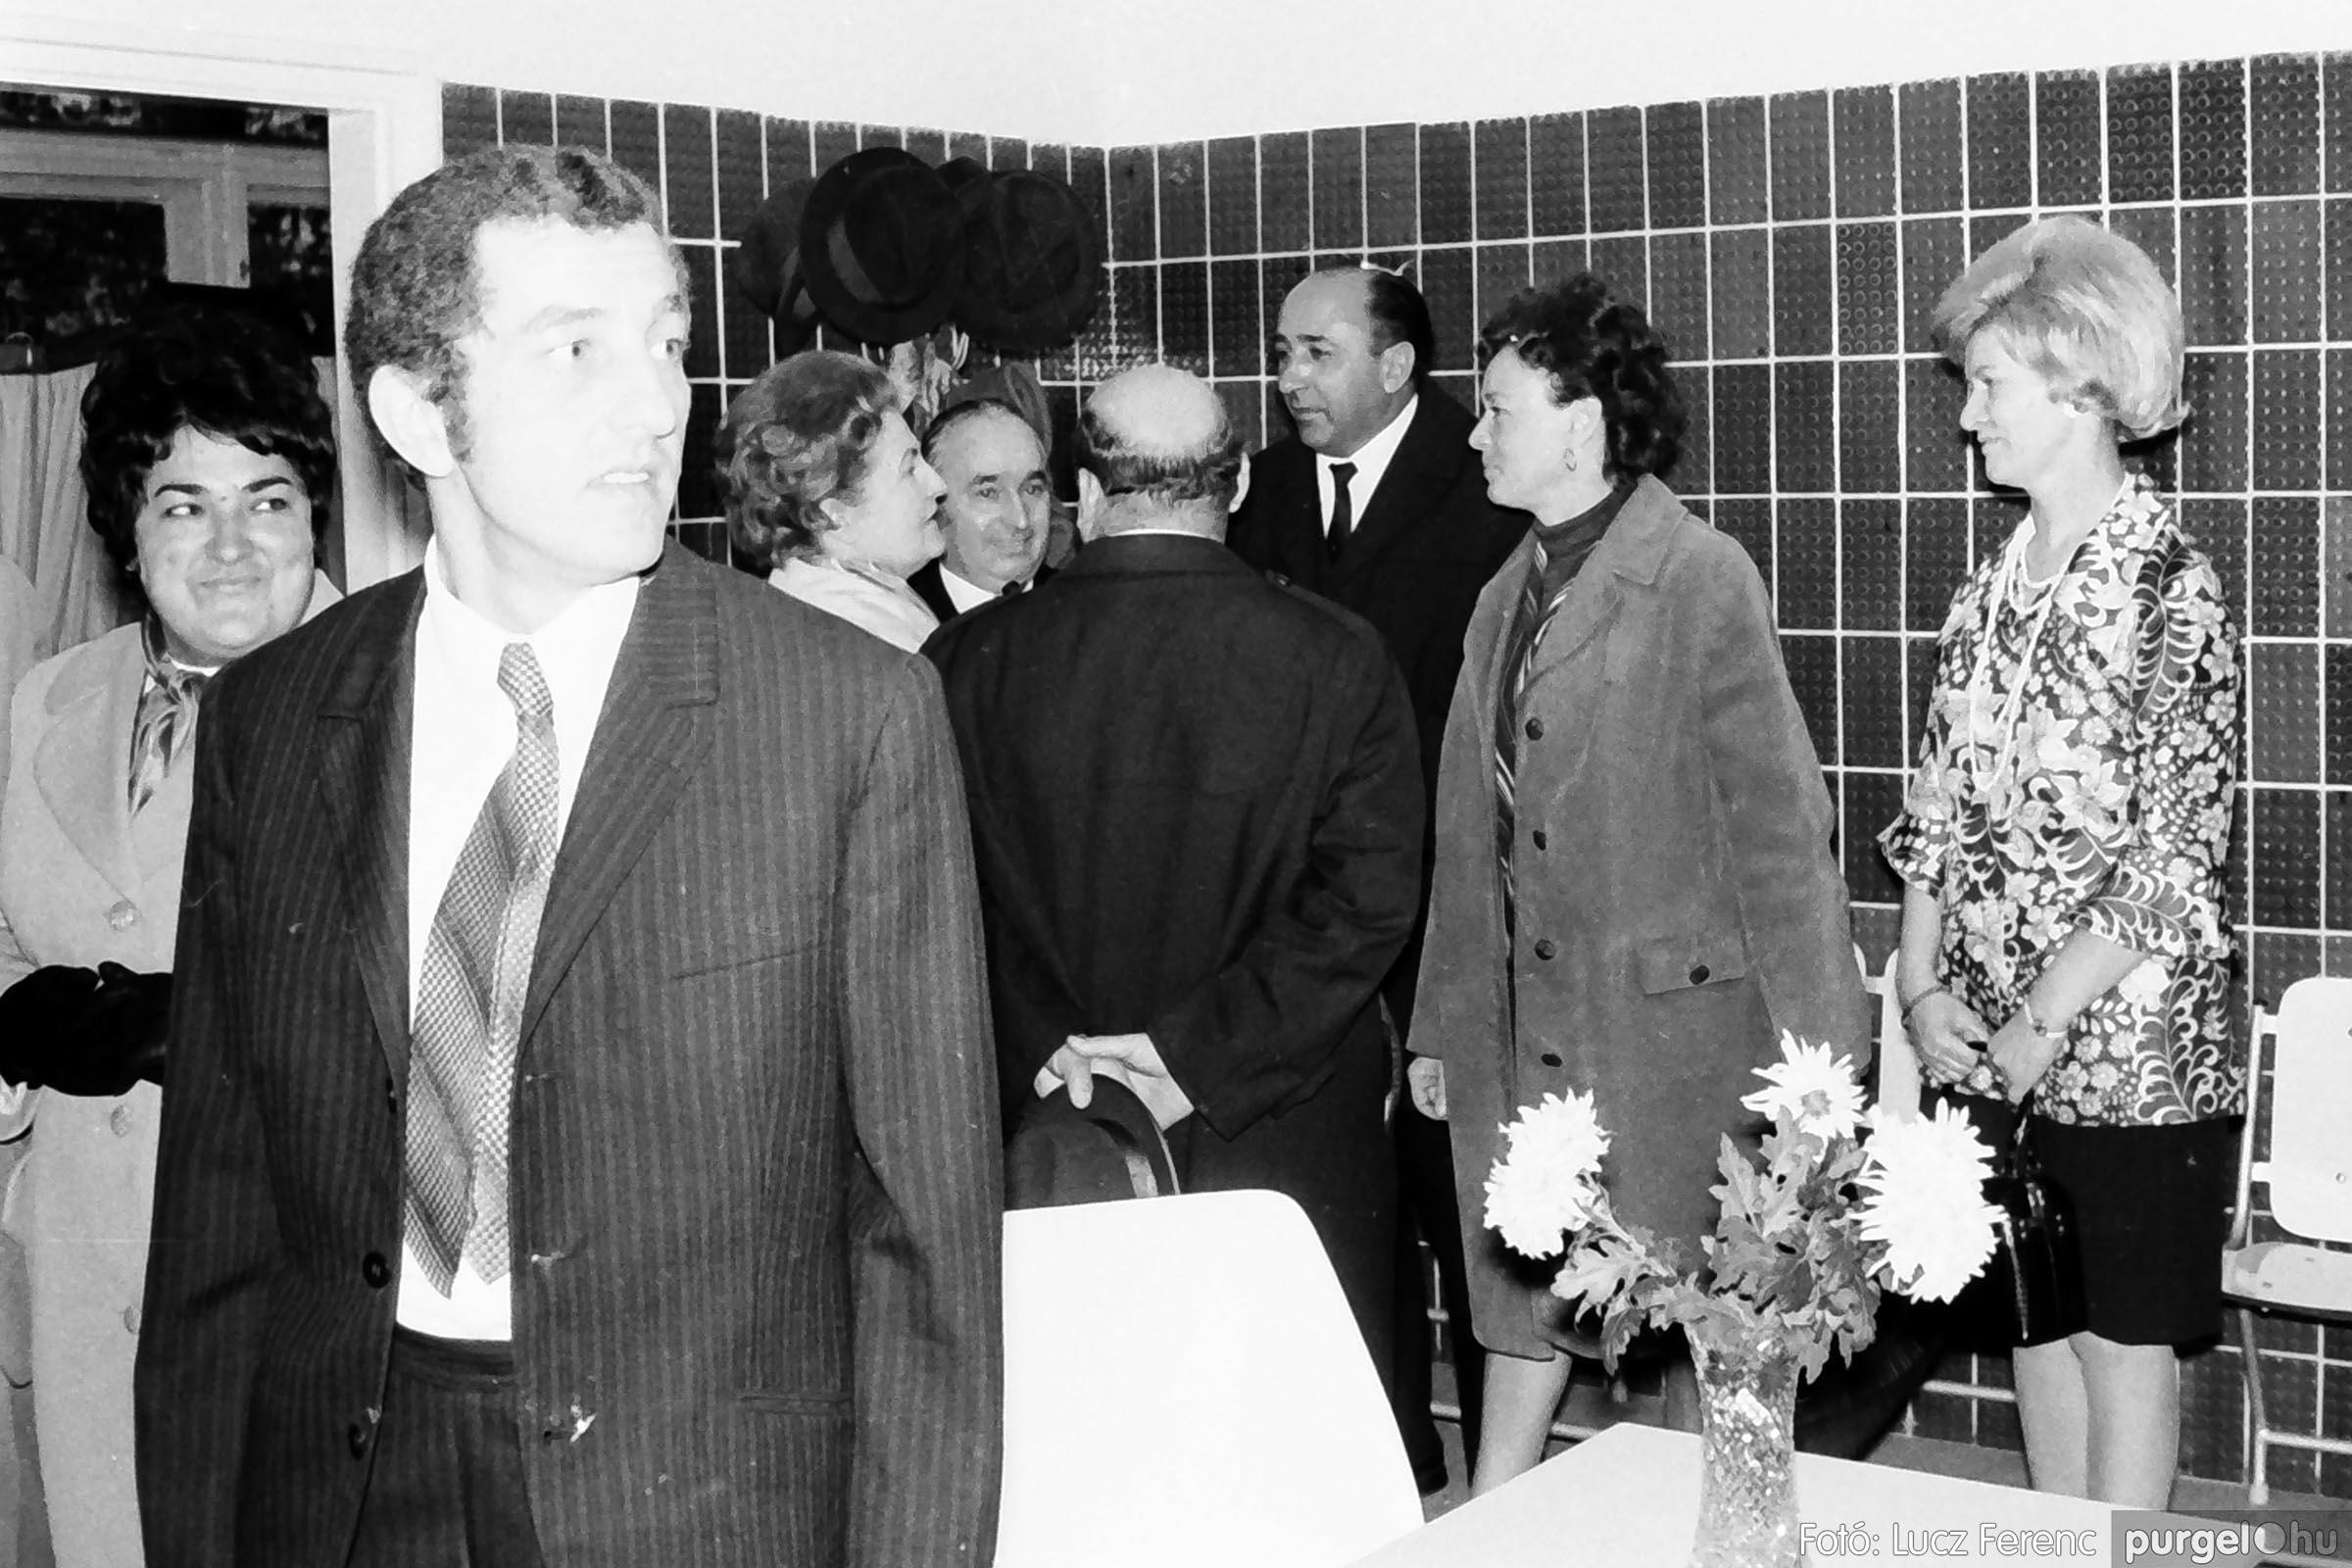 002 1970-es évek - Orvosi rendelő épületének átadása 002 - Fotó: Lucz Ferenc - IMG01100q.jpg